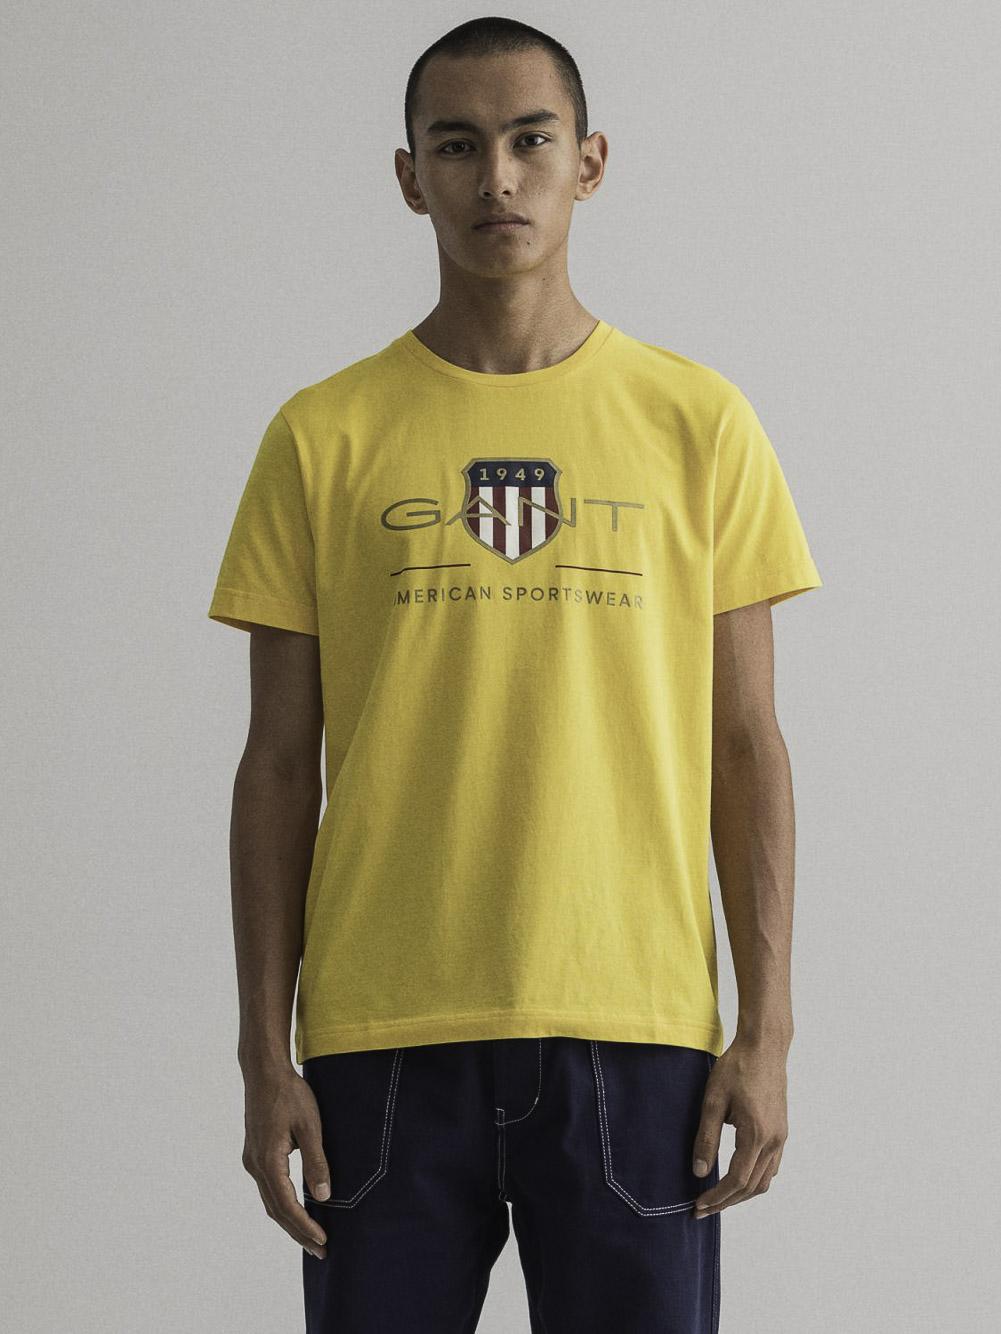 GANT Μπλούζα t-shirt 3G2003099-728 ΚΙΤΡΙΝΟ ΣΚΟΥΡΟ